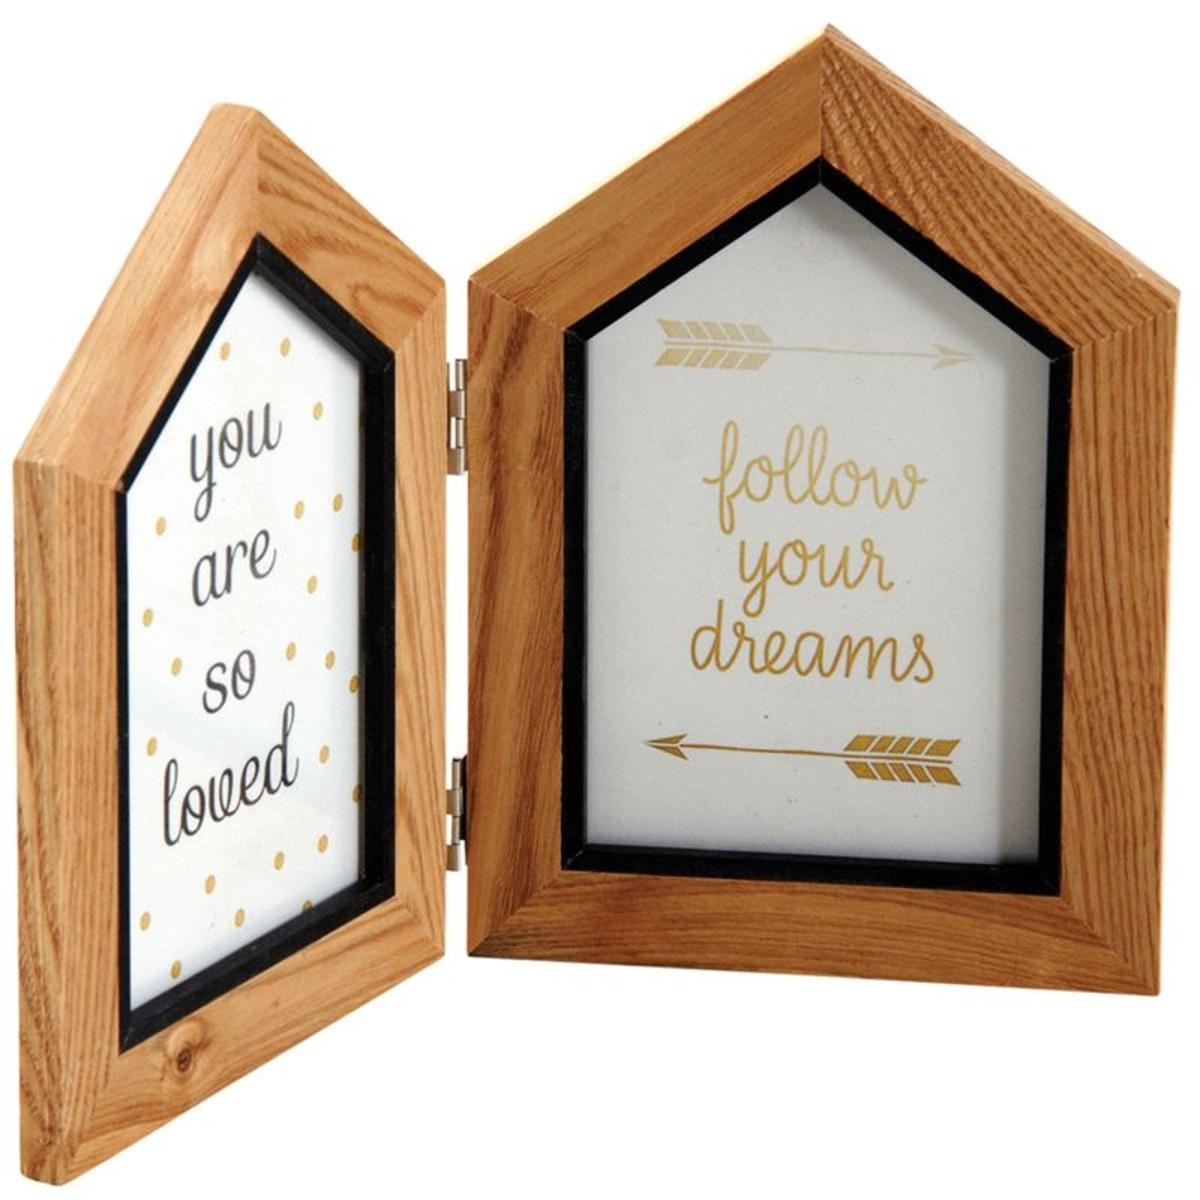 Double cadre photo en forme de maison